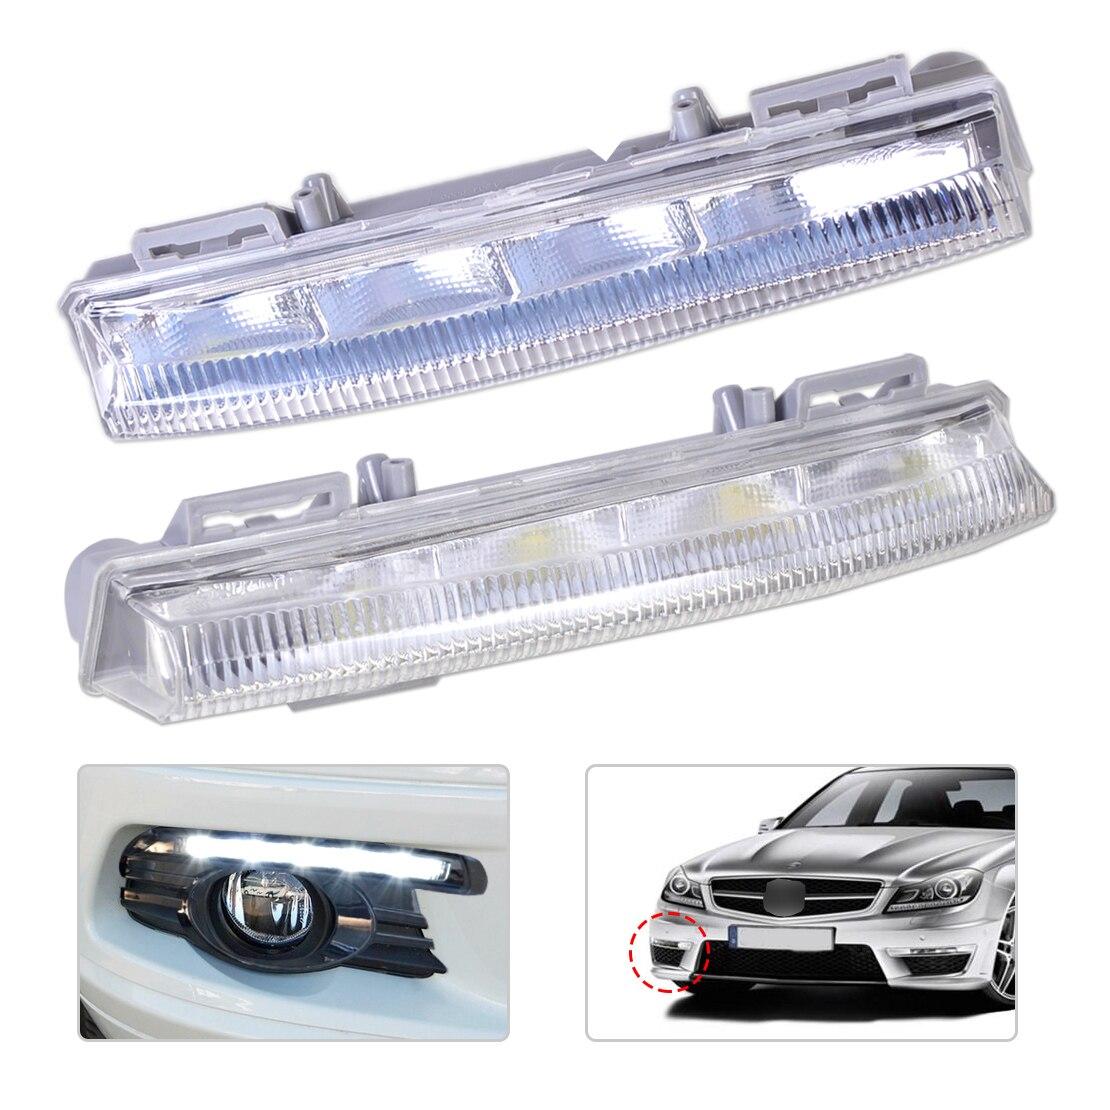 CITALL 2049068900 2049069000 Daytime Running Lamp Fog Light Left Side for Mercedes Benz C E SLK Class W204 S204 W212 2012 2013